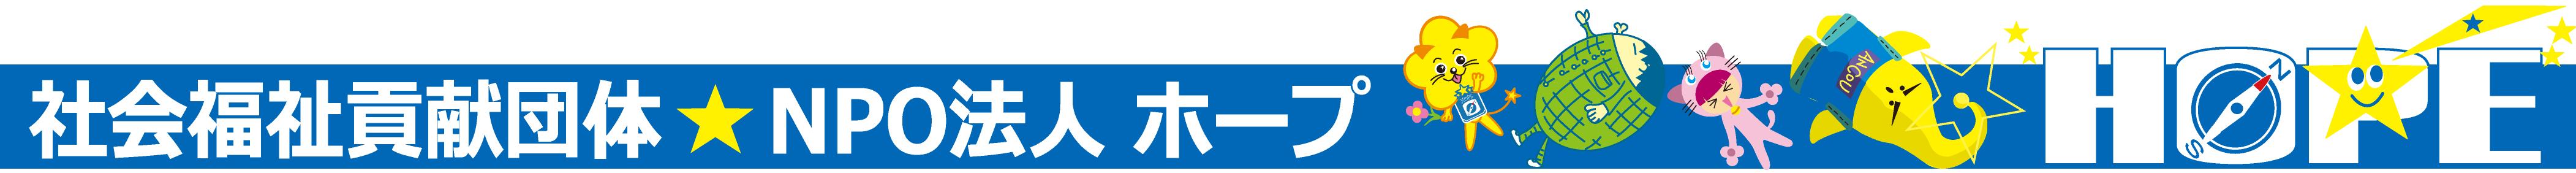 千代田区で手話通訳&パソコン要約筆記、ガイドヘルプ(知的・視覚)等さまざまな障がい者・高齢者支援|NPO法人ホープ